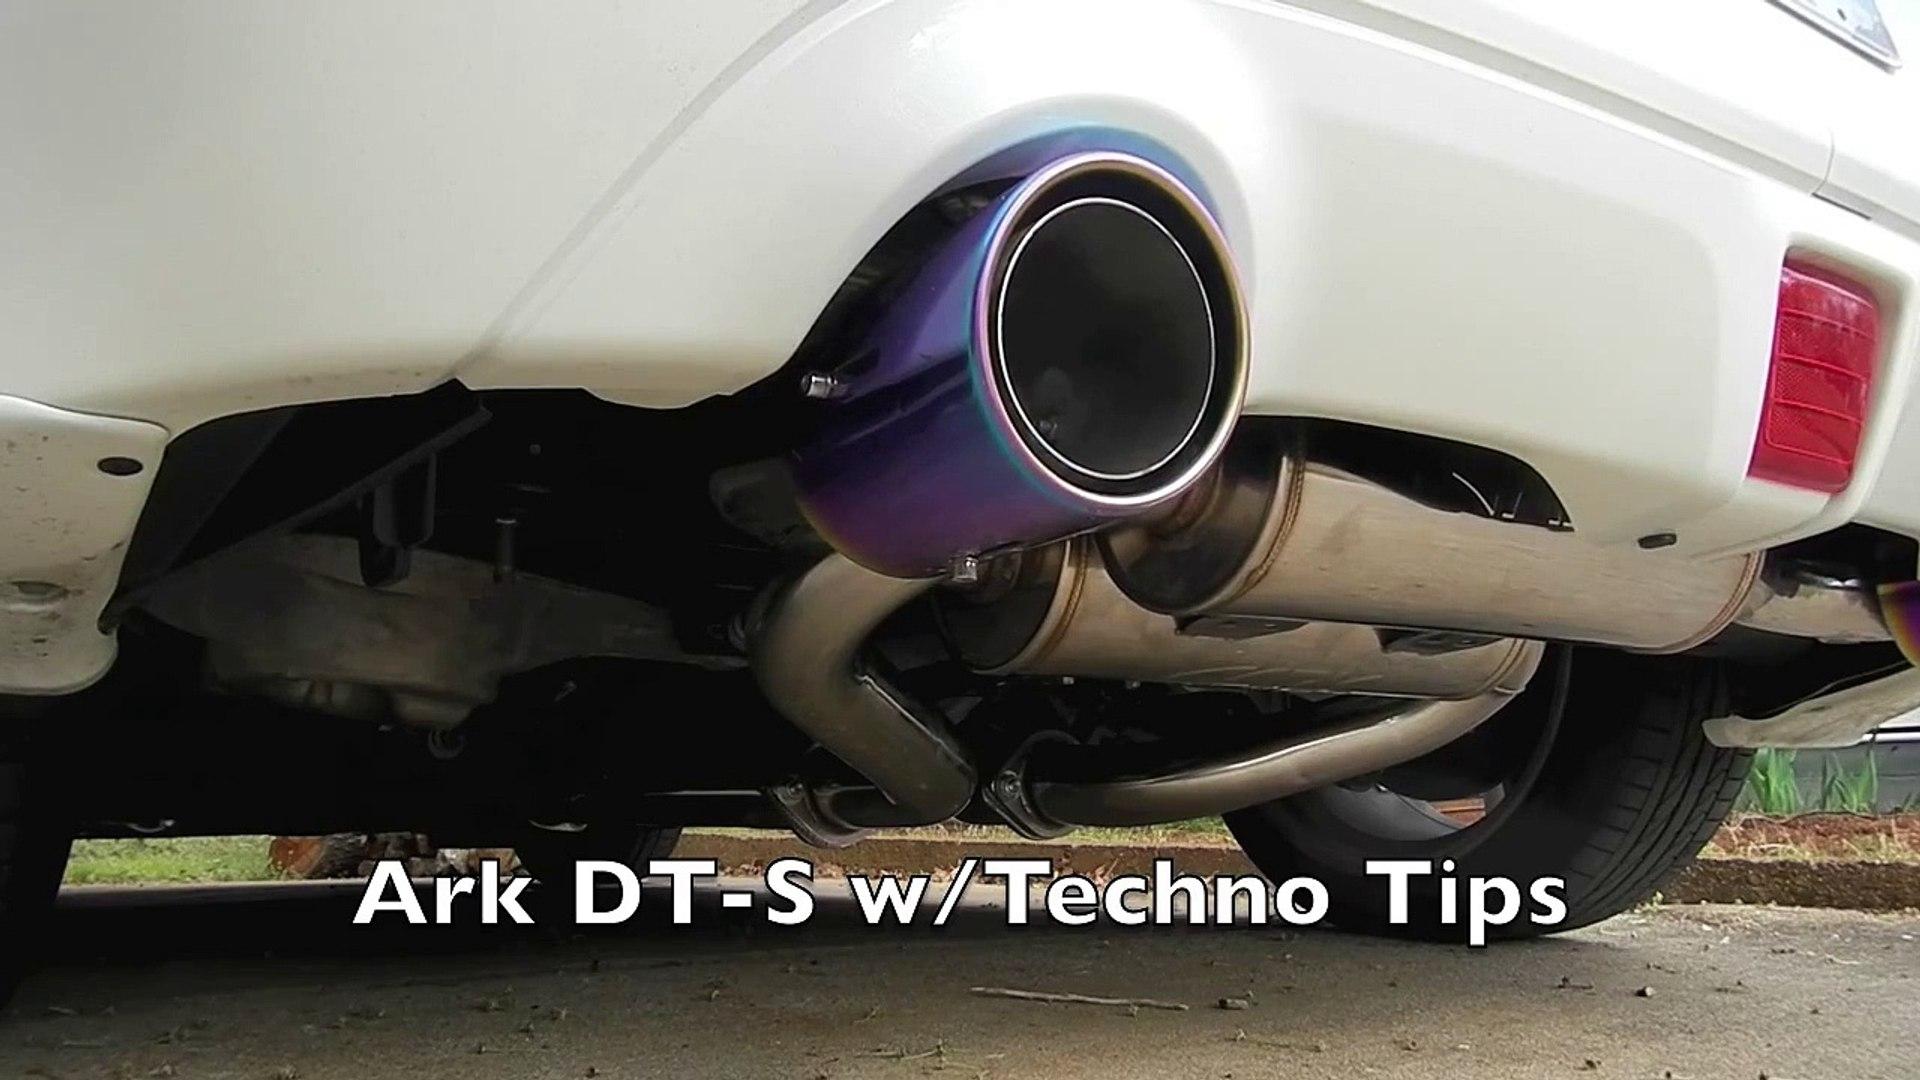 370Z Ark DT-S Exhaust